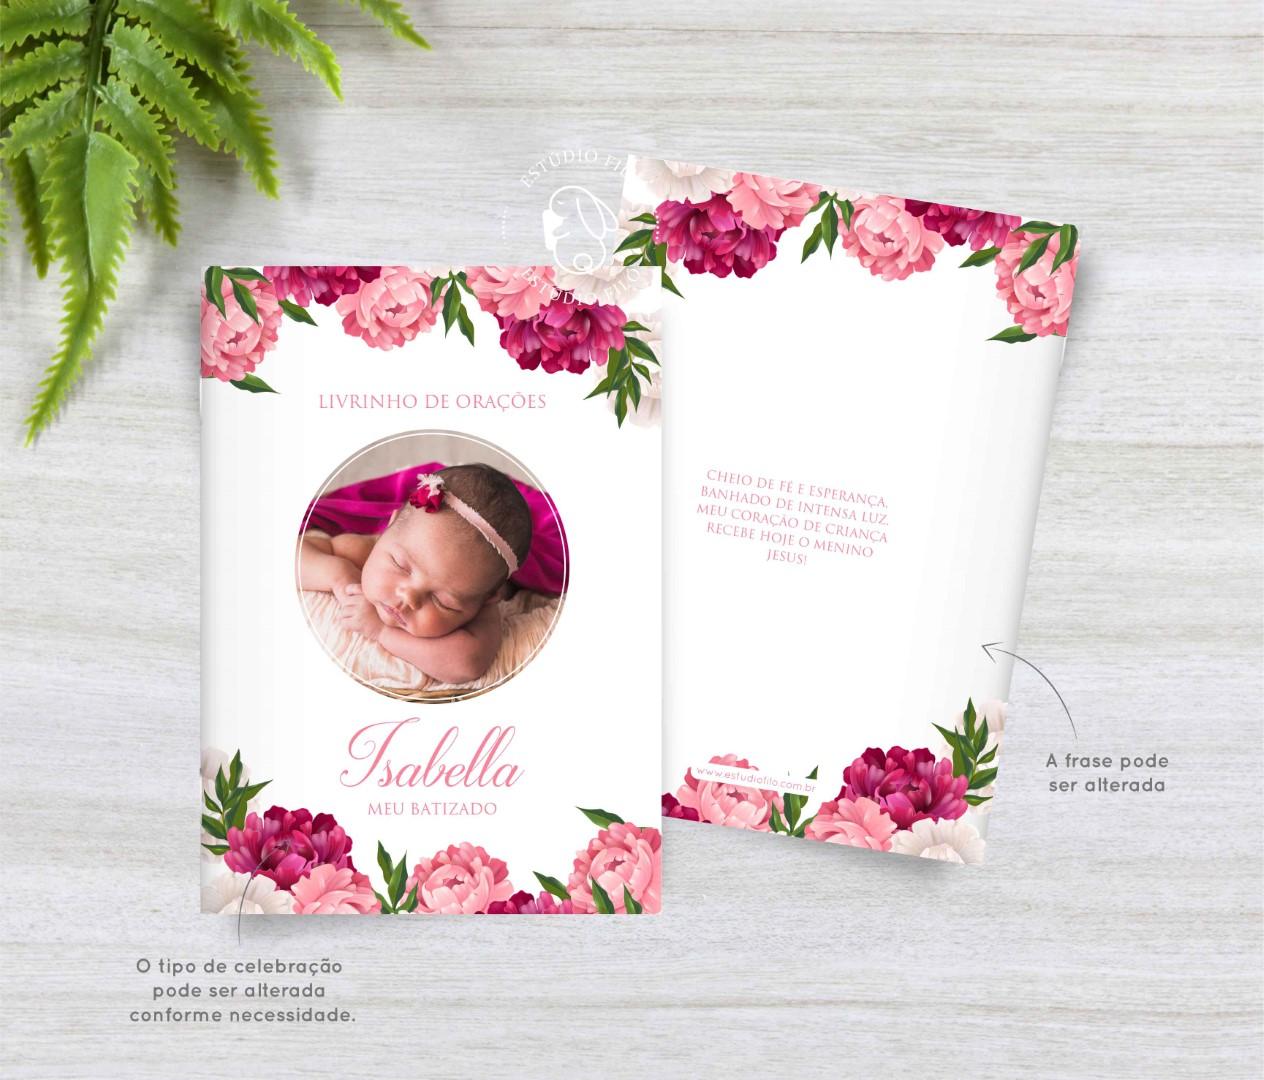 Livrinho de orações com foto floral para lembrancinha